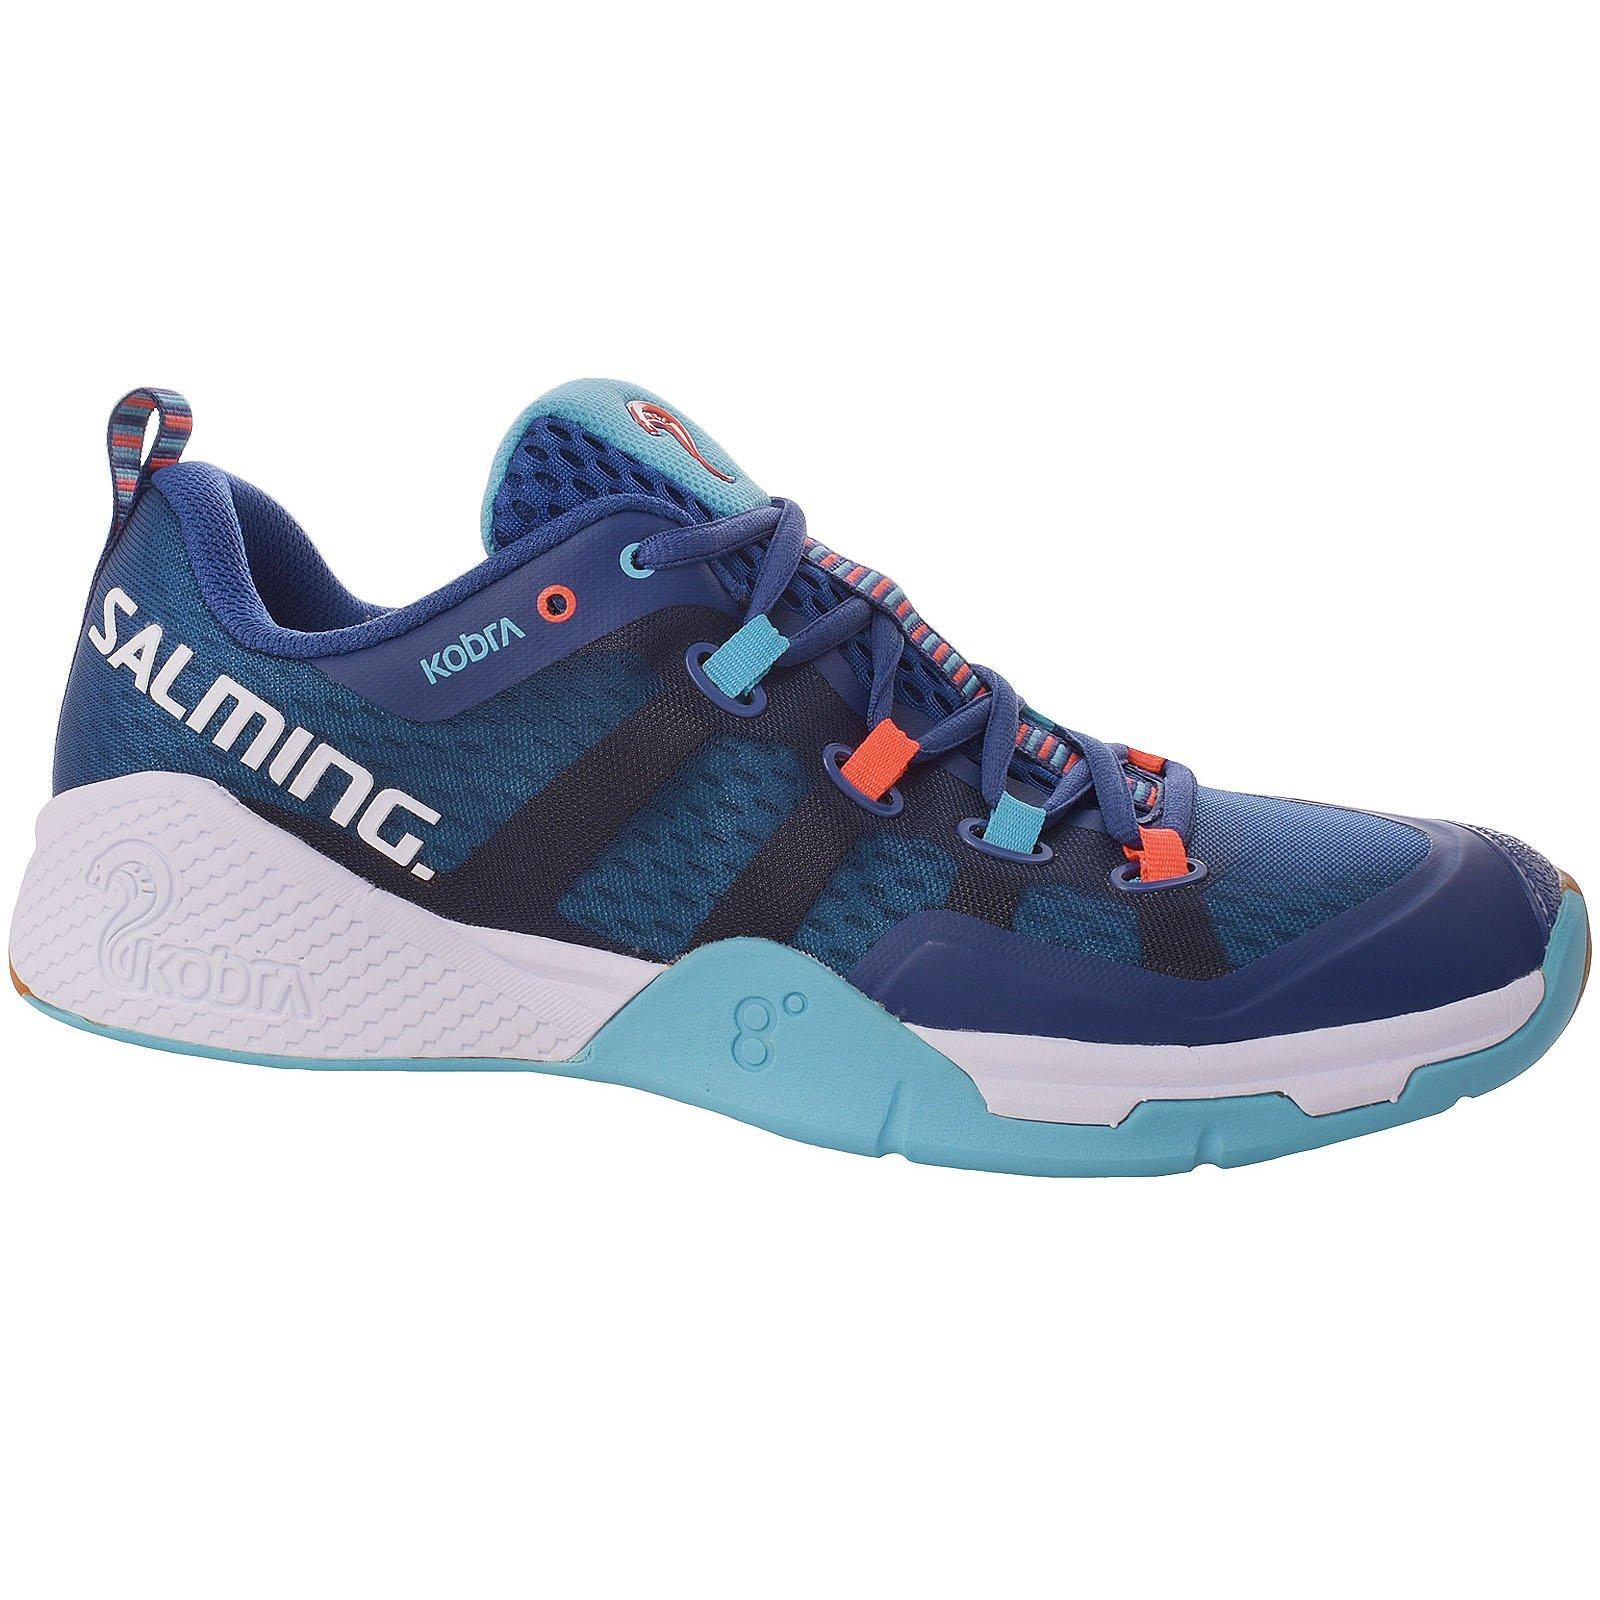 Salming Kobra 2 Mens Indoor Court Shoe (Blue) (9)